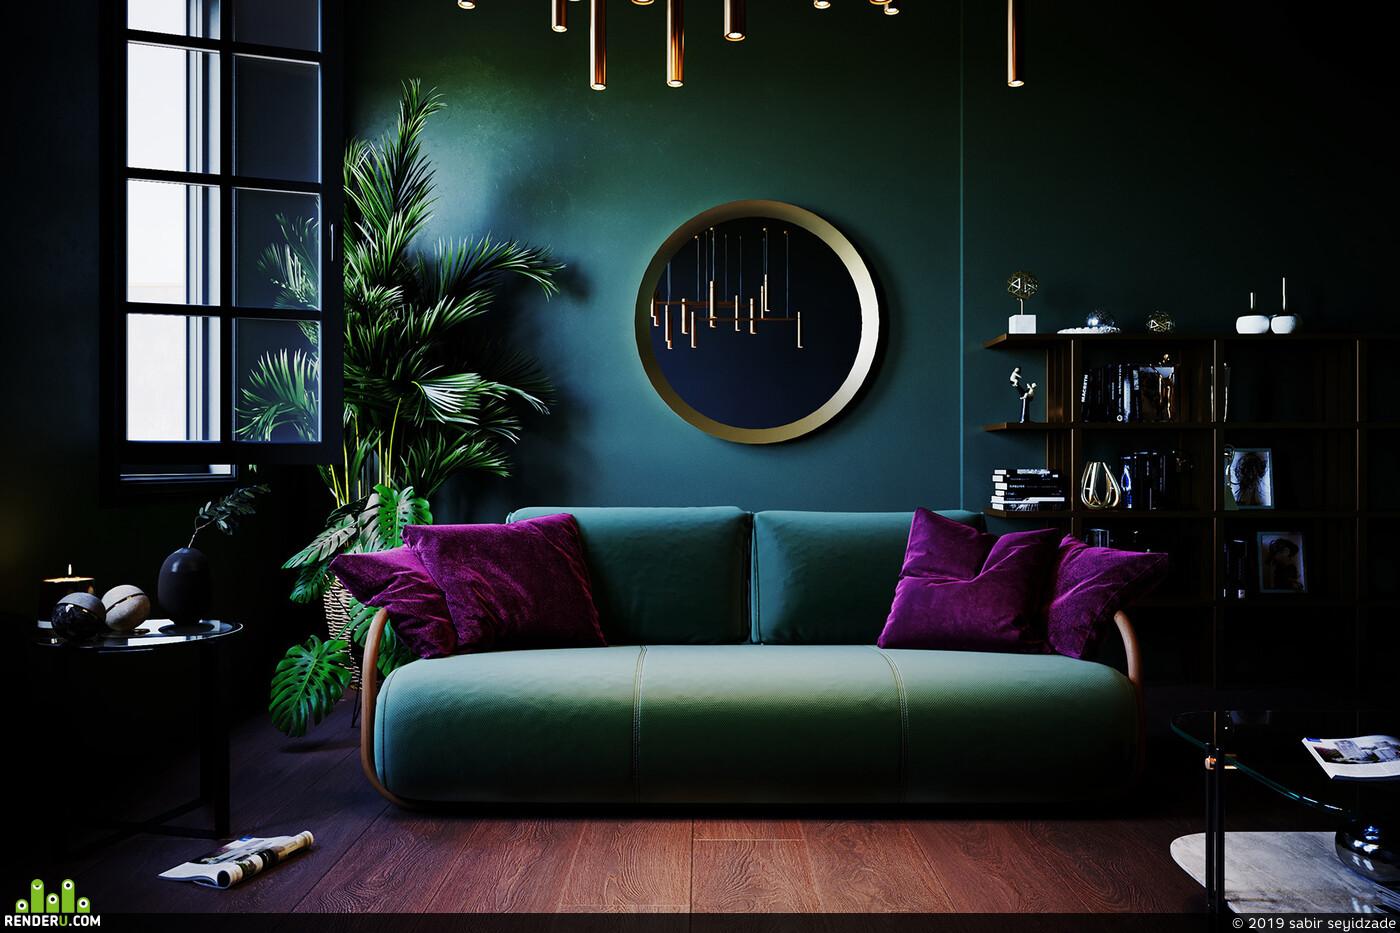 3ds max, Corona Renderer, interior design, visualization